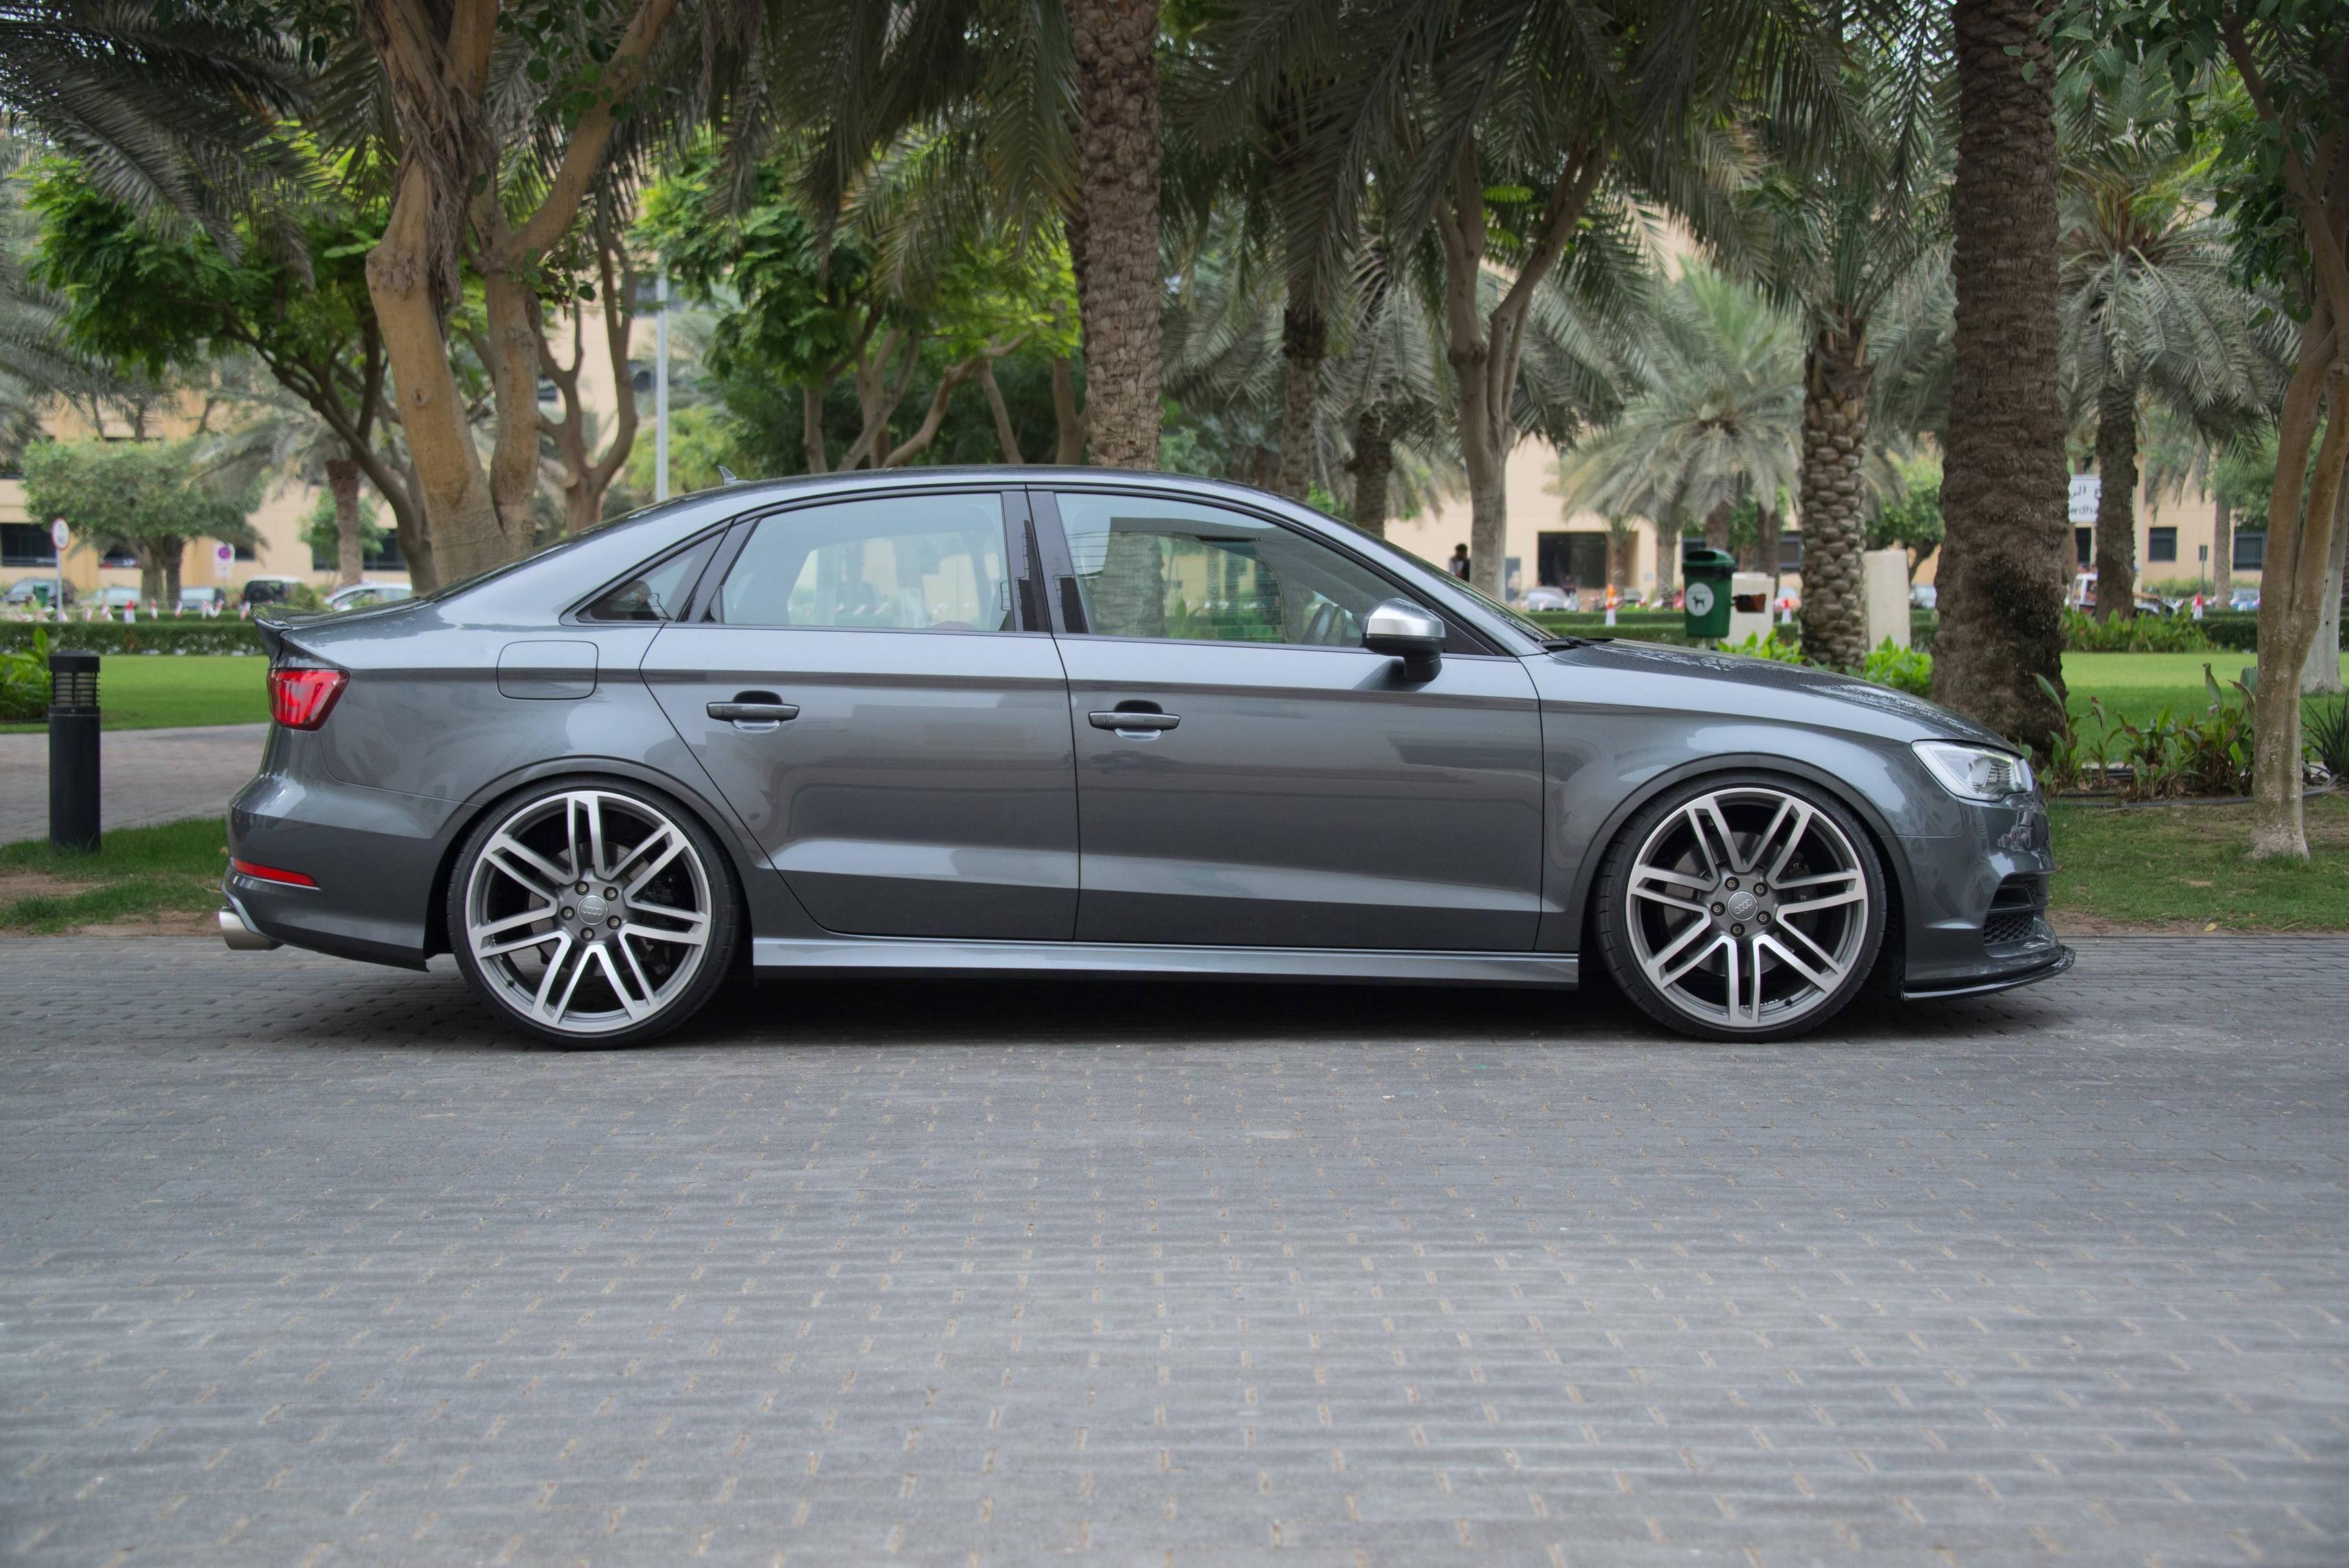 Kelebihan Kekurangan Audi A3 Sedan Tangguh